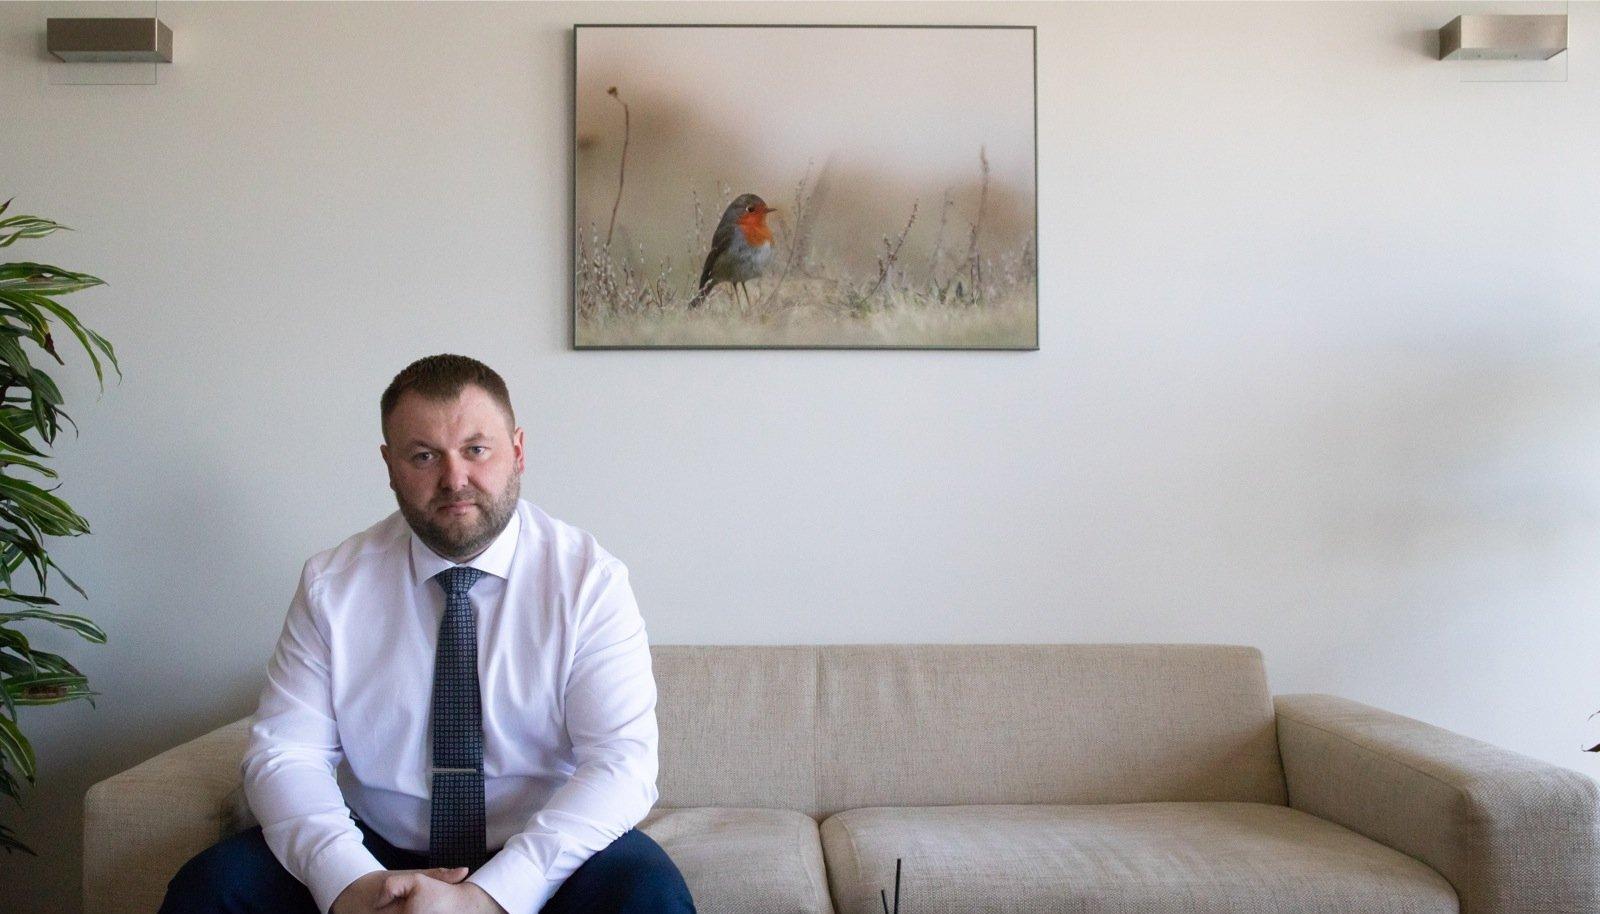 Keskkonnaminister Rene Kokk on proovinud terve elu elada nii, et ei prügista loodust.